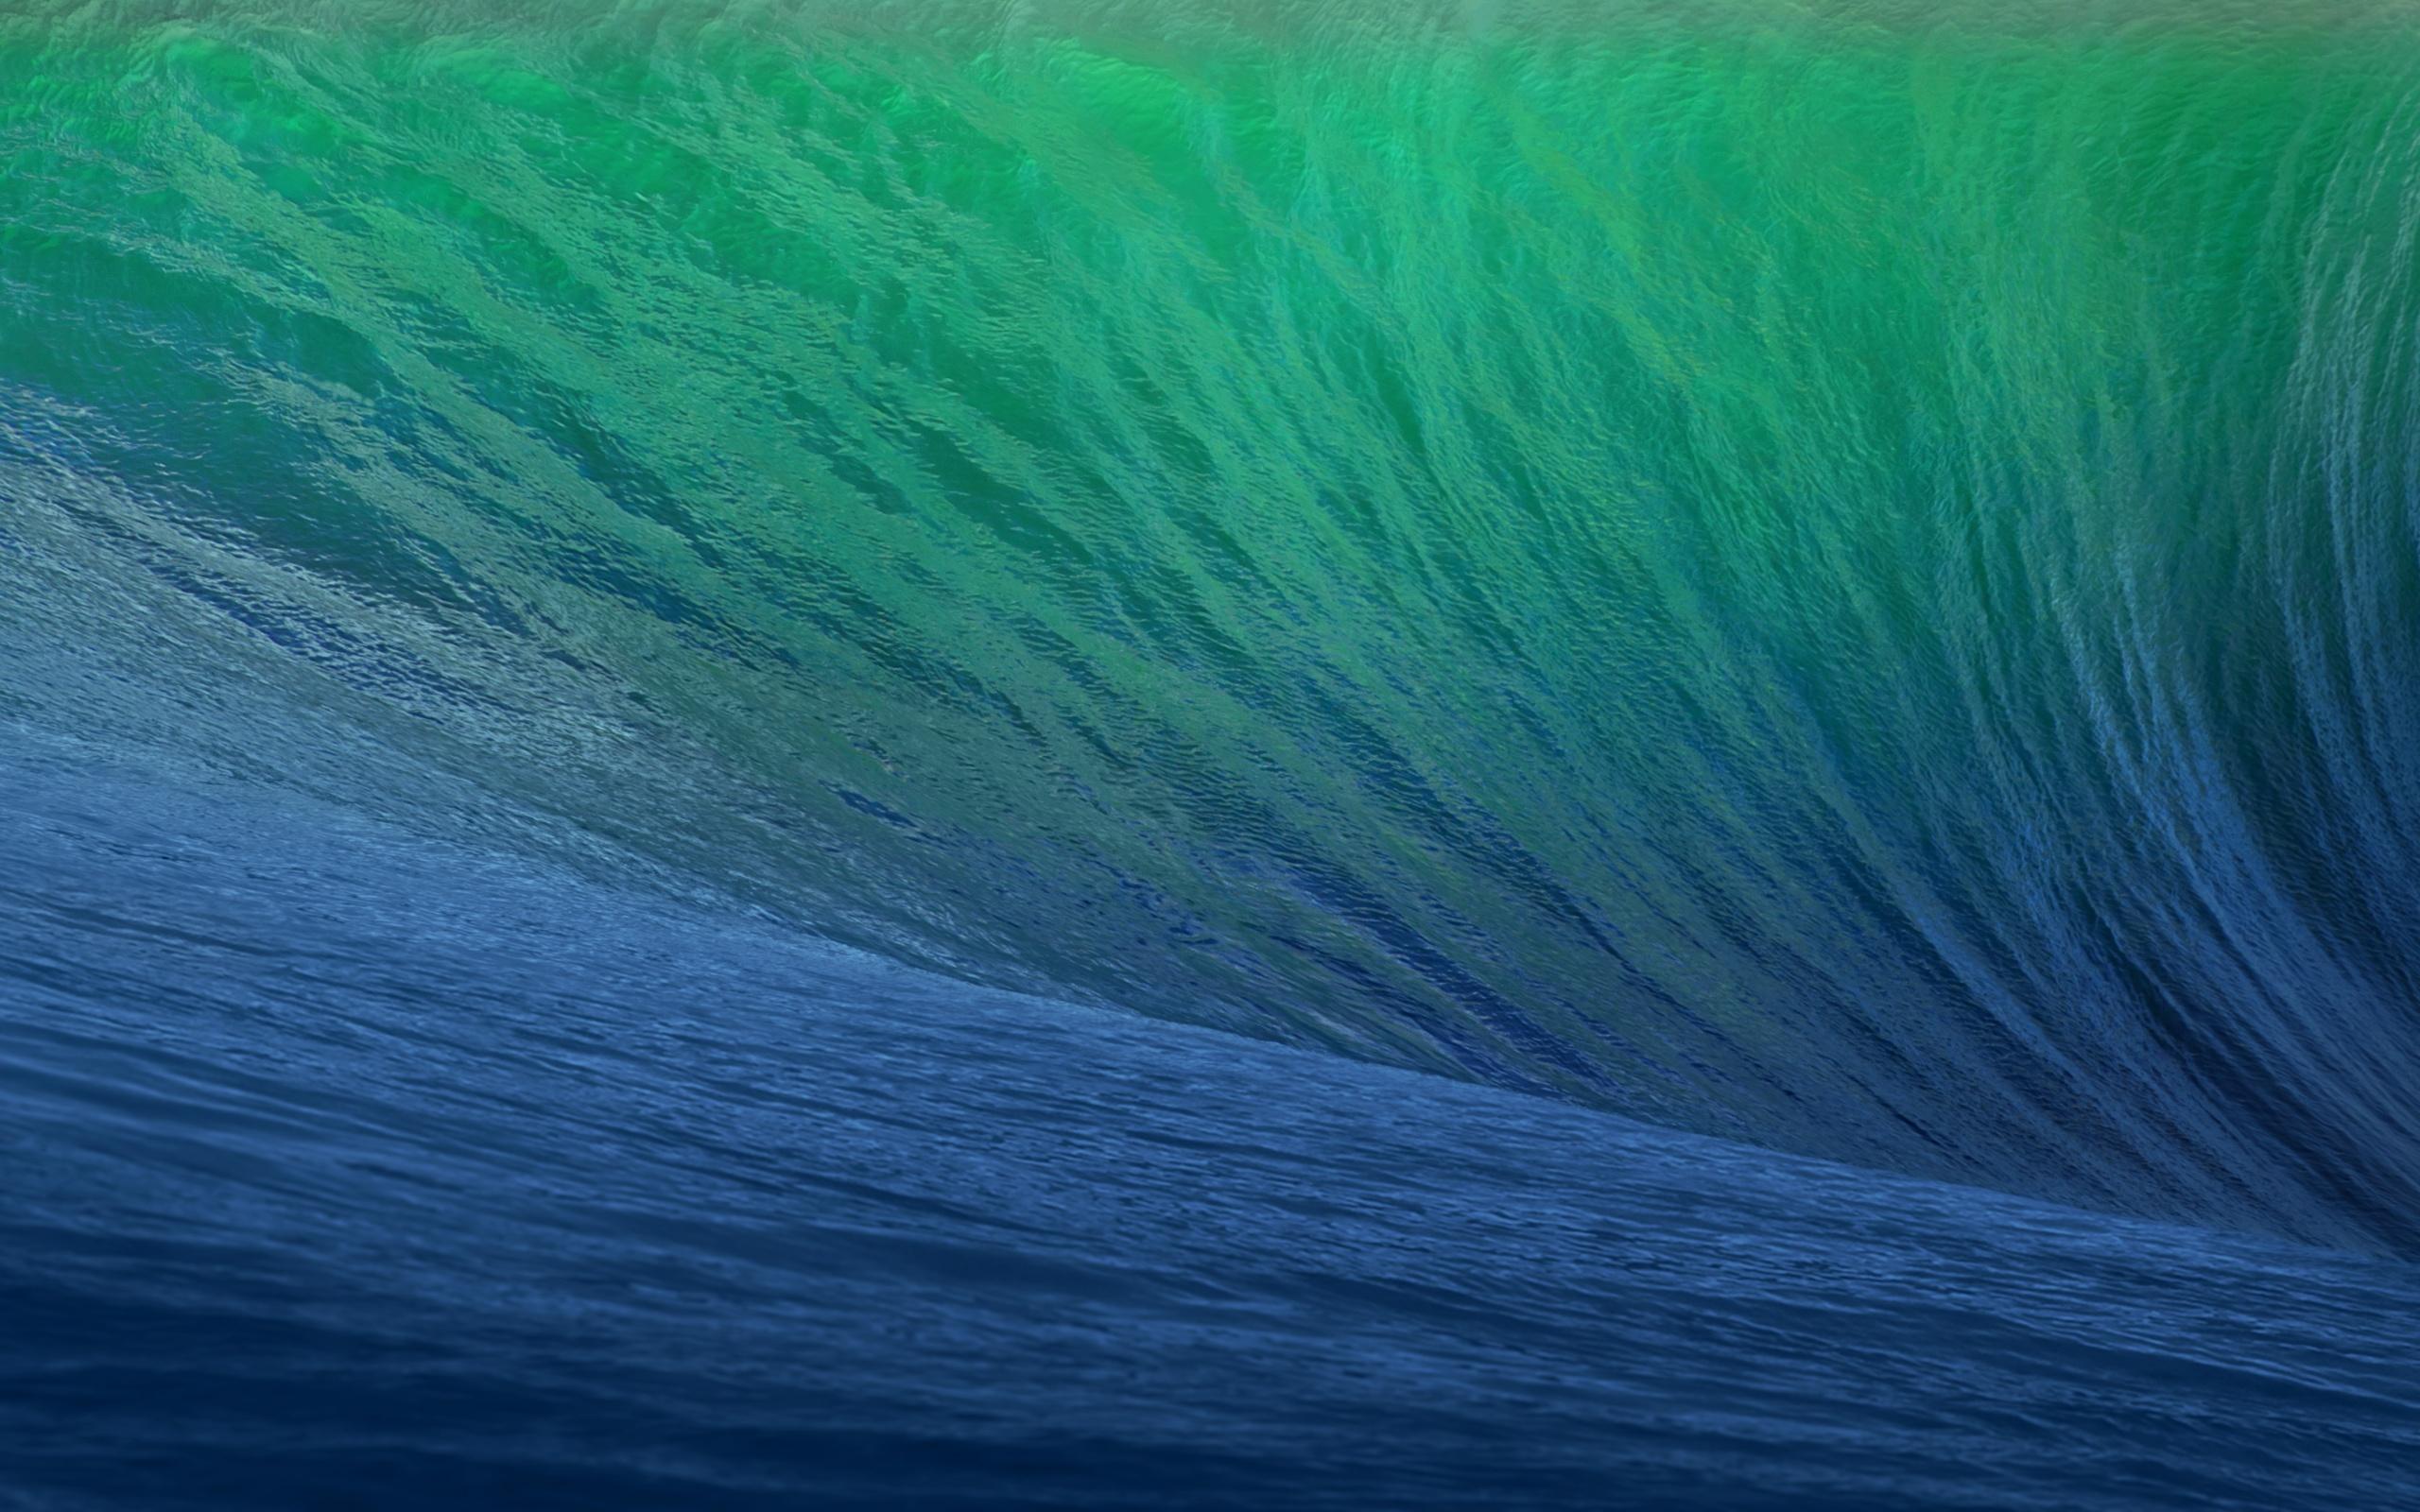 2560x1600 OS X Mavericks Wave desktop PC and Mac wallpaper 2560x1600